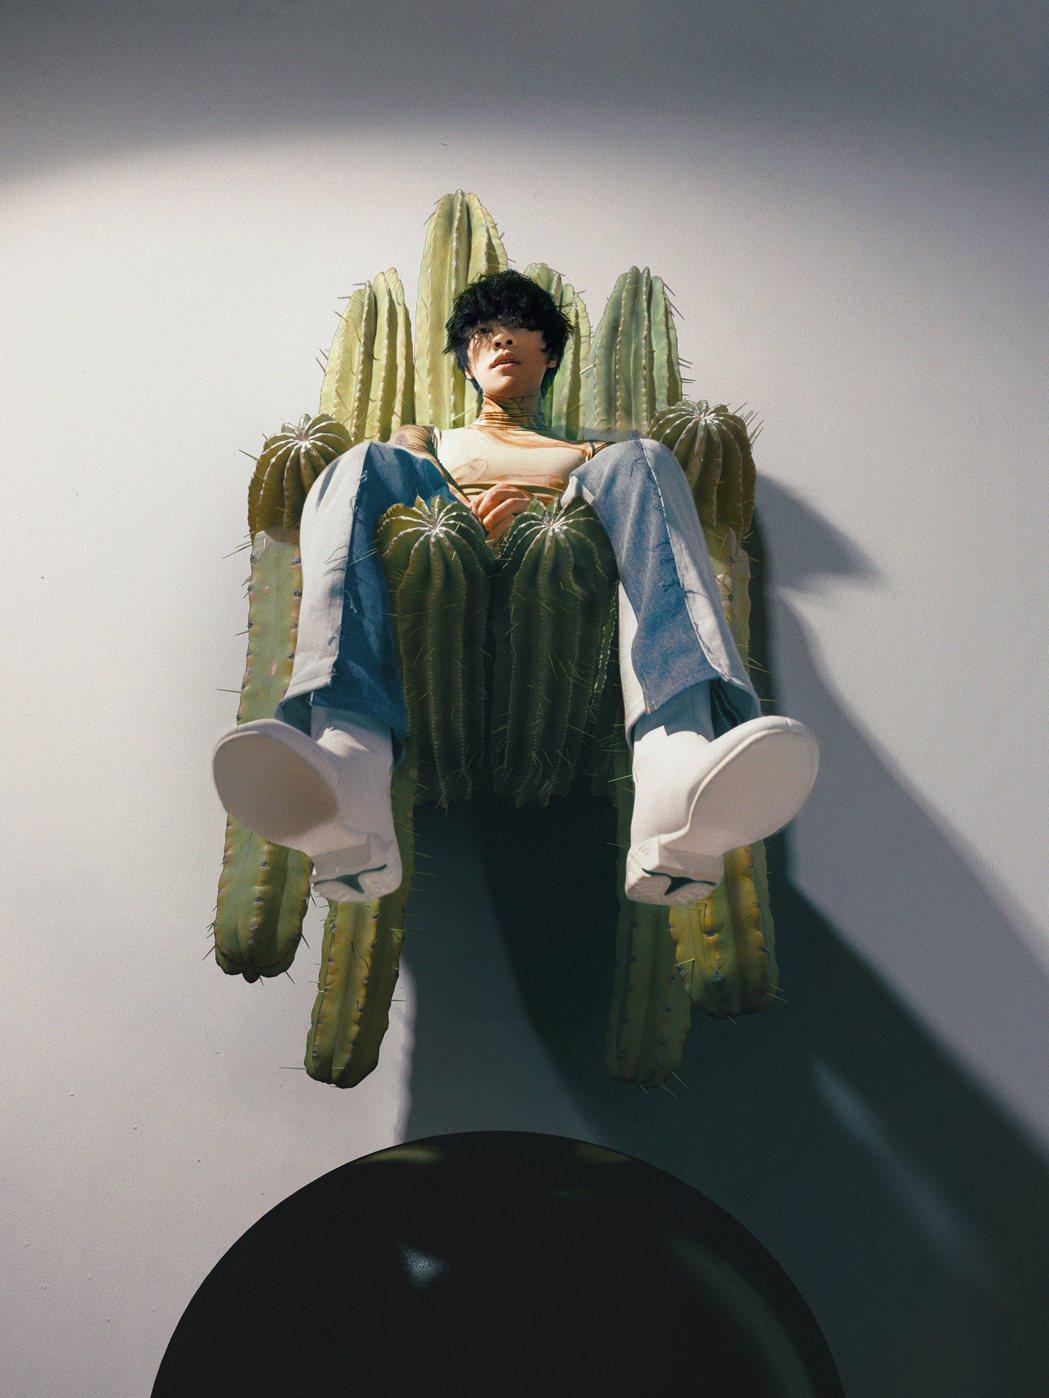 盧廣仲將在11月20日舉辦「勵志演說演唱會」。圖/添翼提供